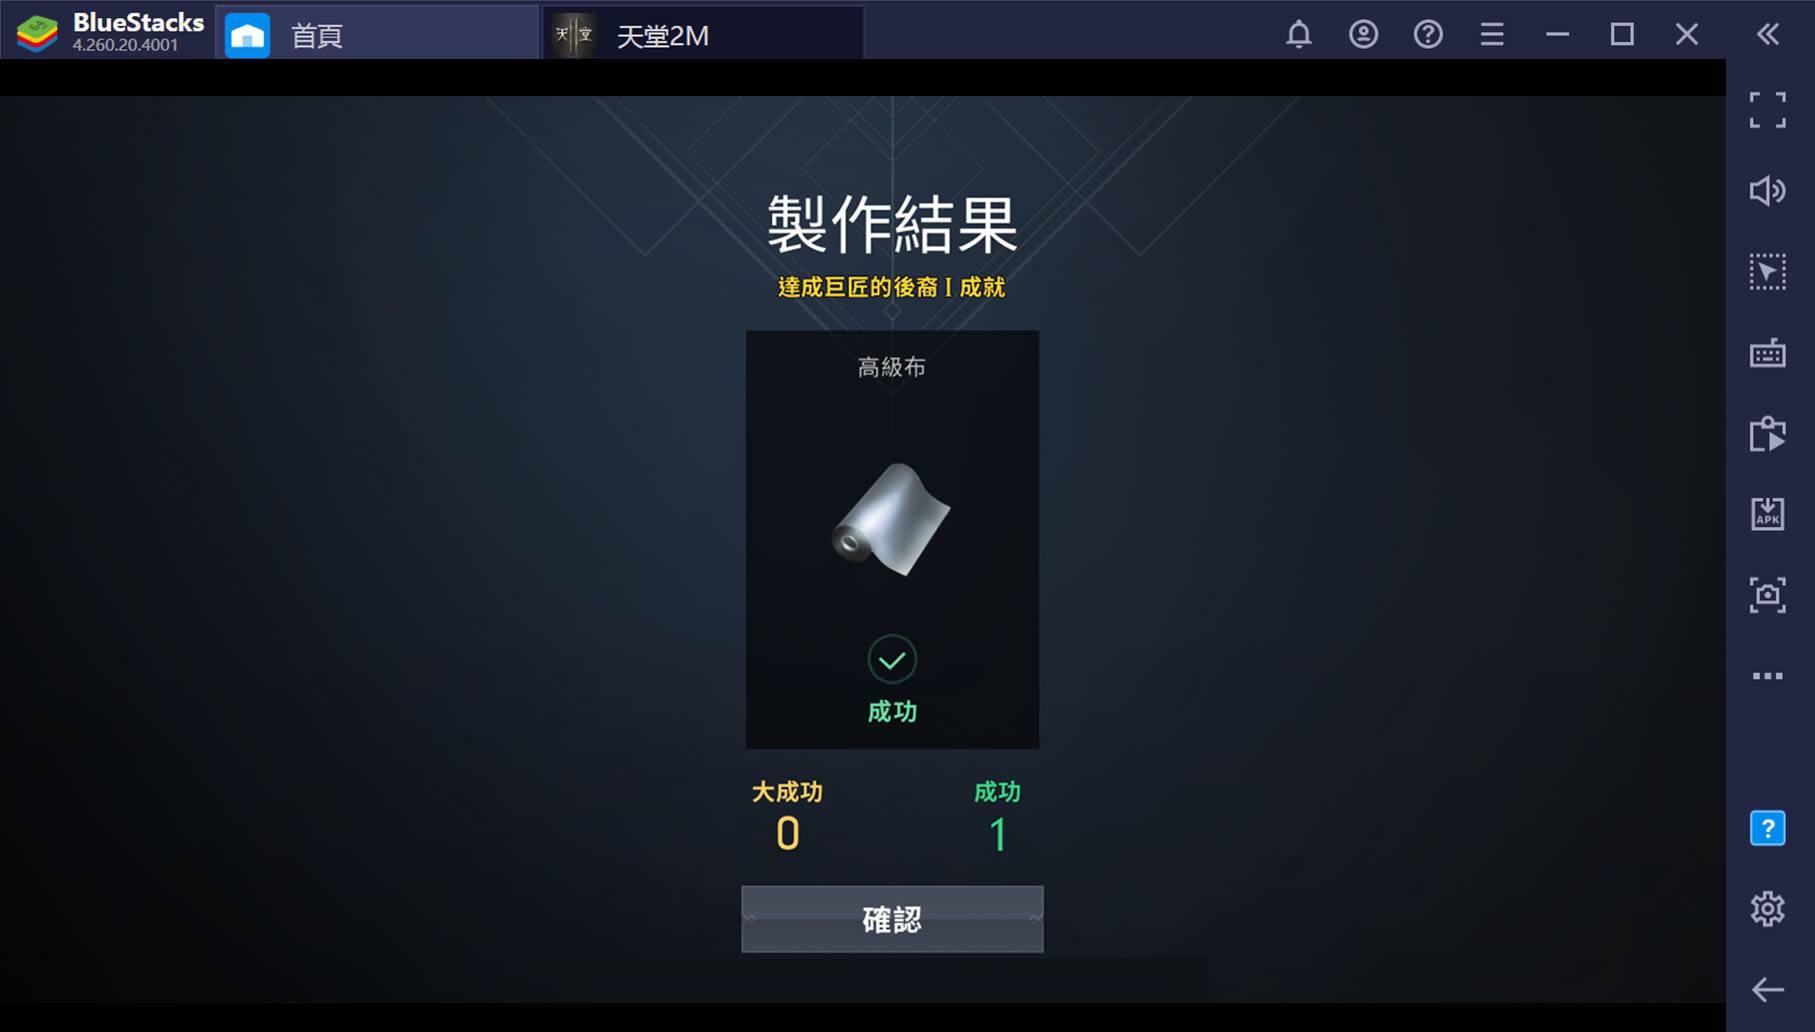 《天堂2M》無課玩家快速升等賺錢技巧